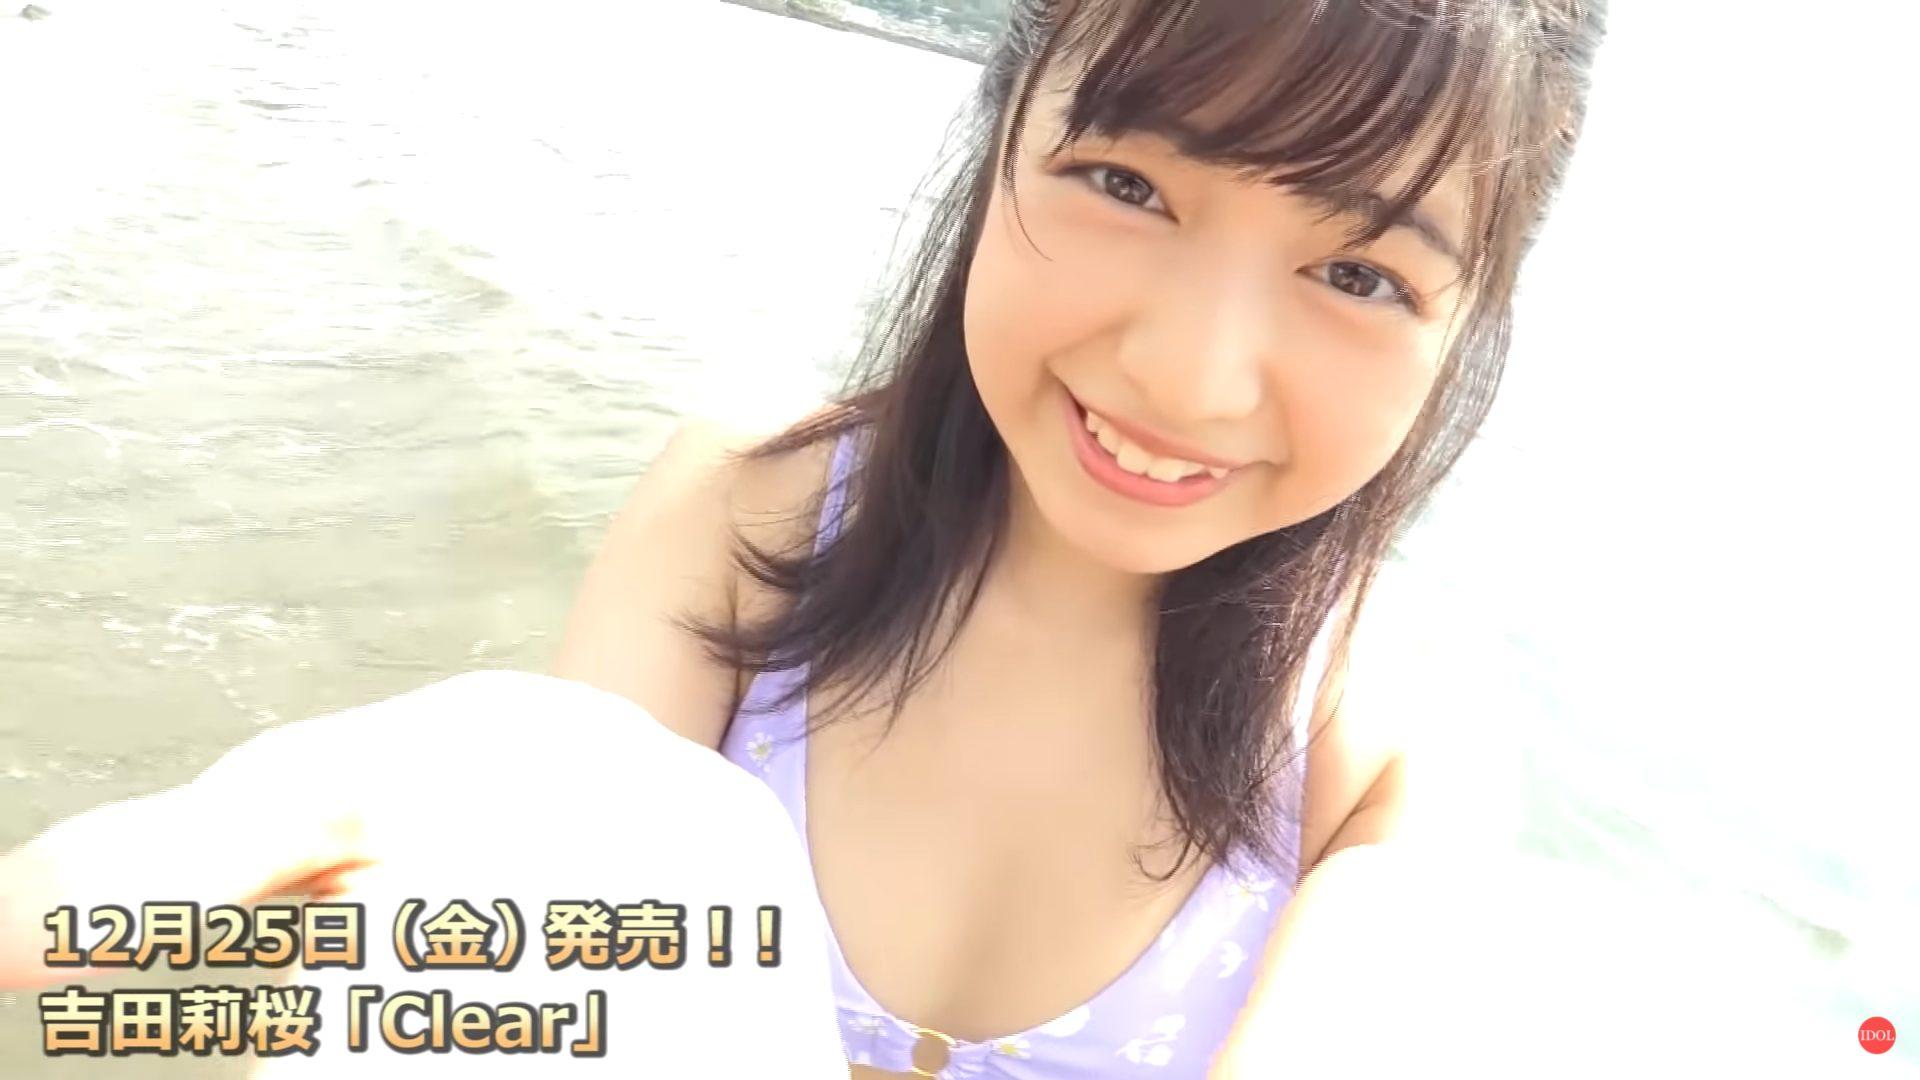 【吉田莉桜】-カップ4 「Clear」サンプル動画